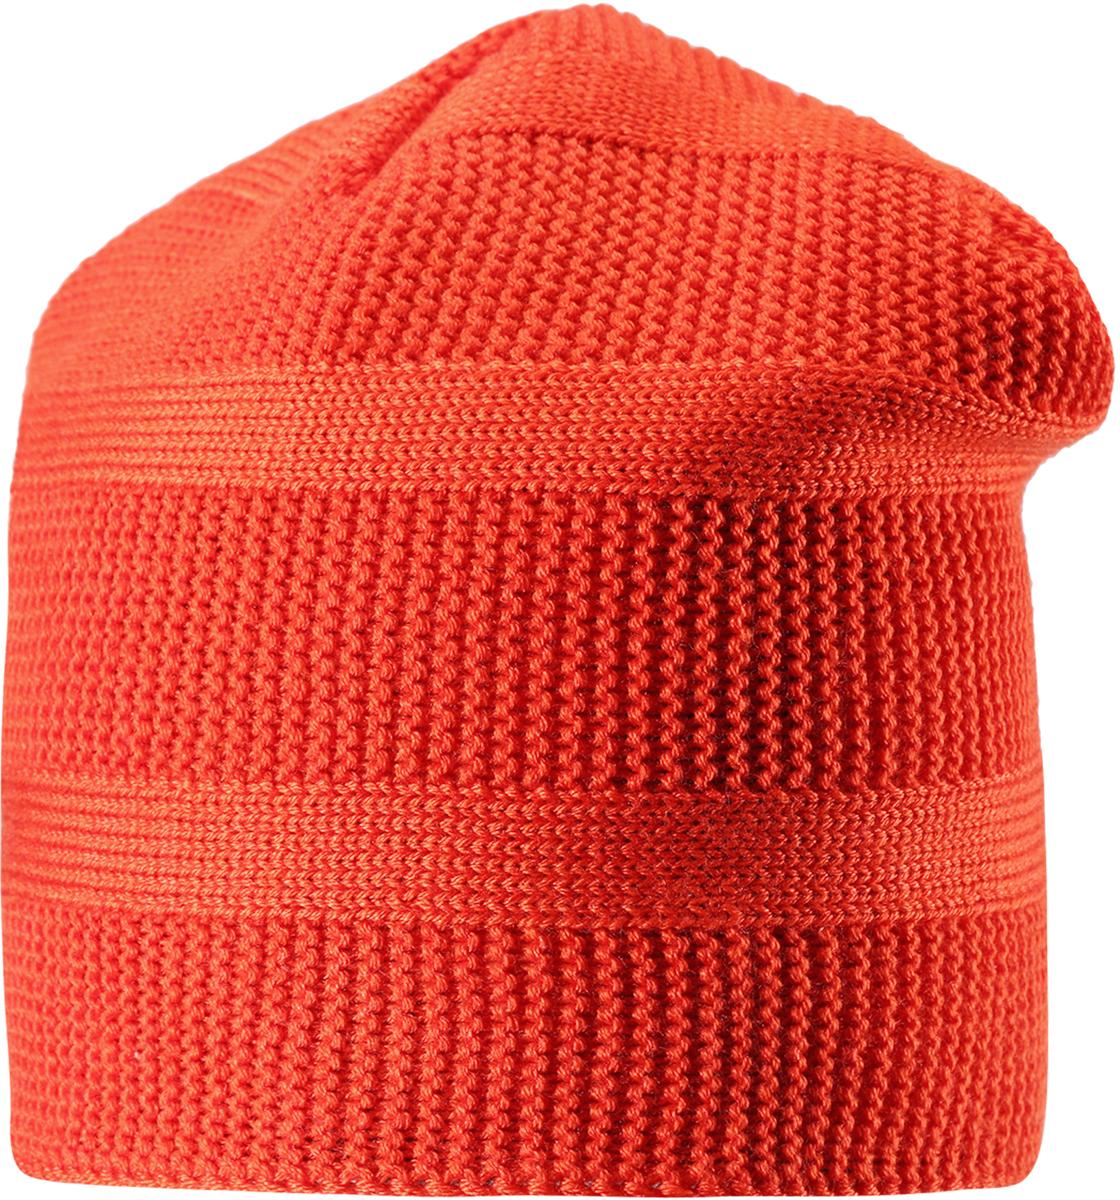 Шапка-бини детская Reima Pettu, цвет: оранжевый. 5285643710. Размер 565285643710Детская шапка из теплого полушерстяного трикотажа. Шерсть – превосходный терморегулятор. Ветронепроницаемые вставки и подкладка из мягкого и дышащего флиса. Оригинальный структурный узор дополняет образ.